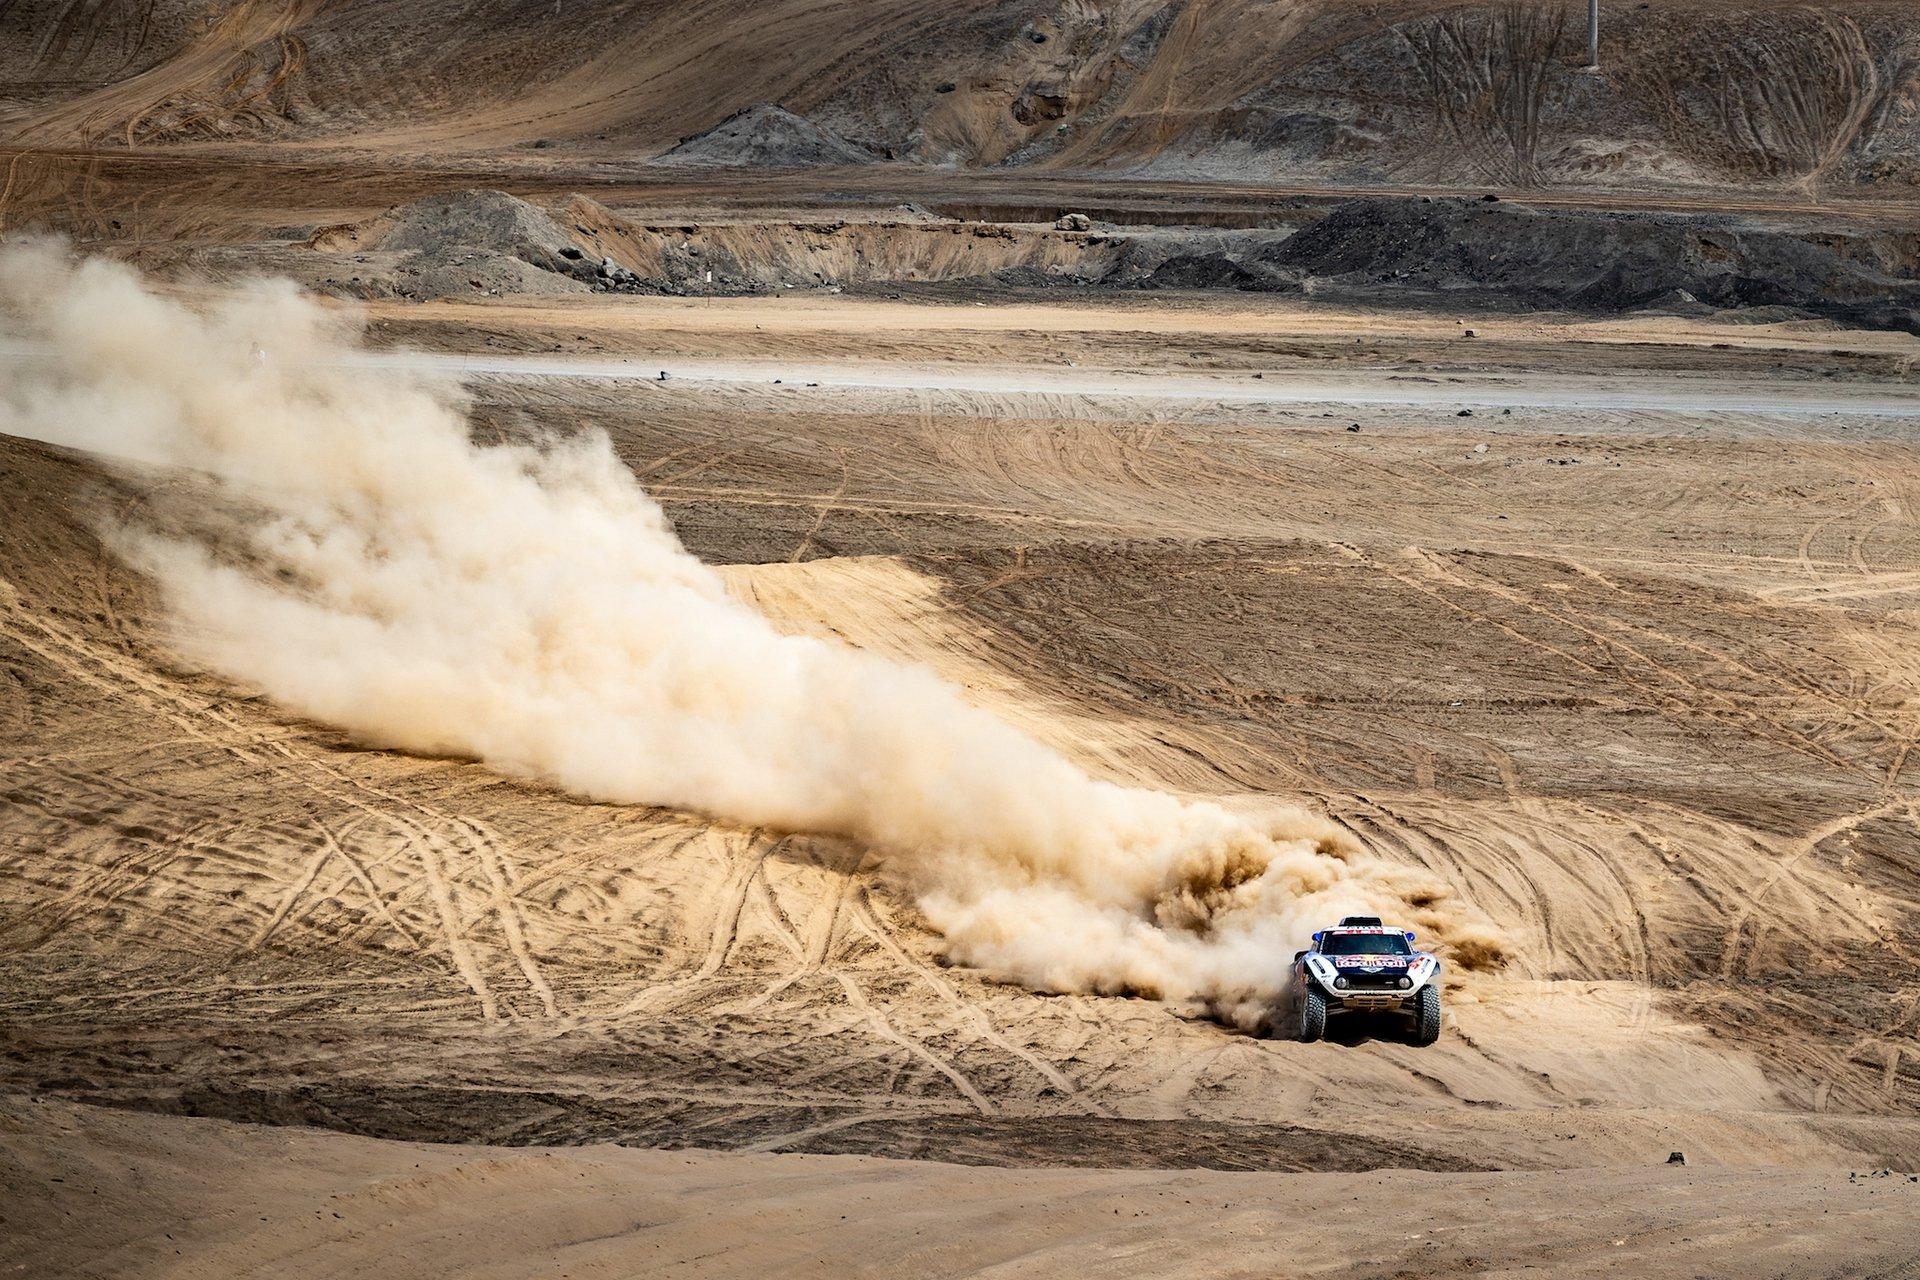 Mini Dakar Rally 2